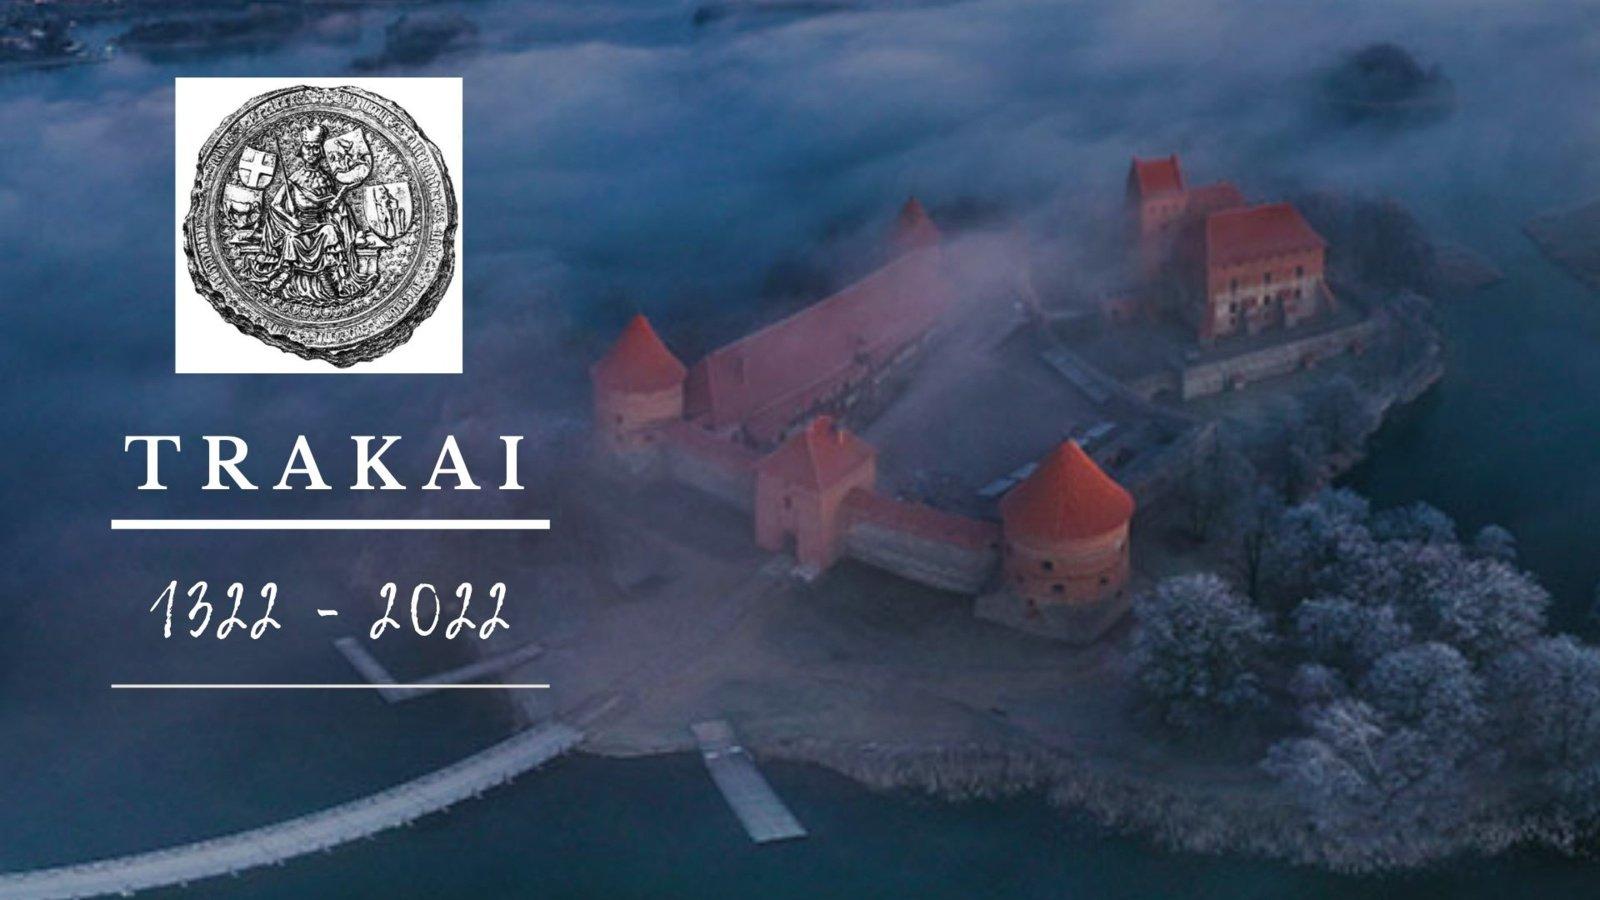 Istorikai pasiūlė Trakams miesto įkūrimo datą